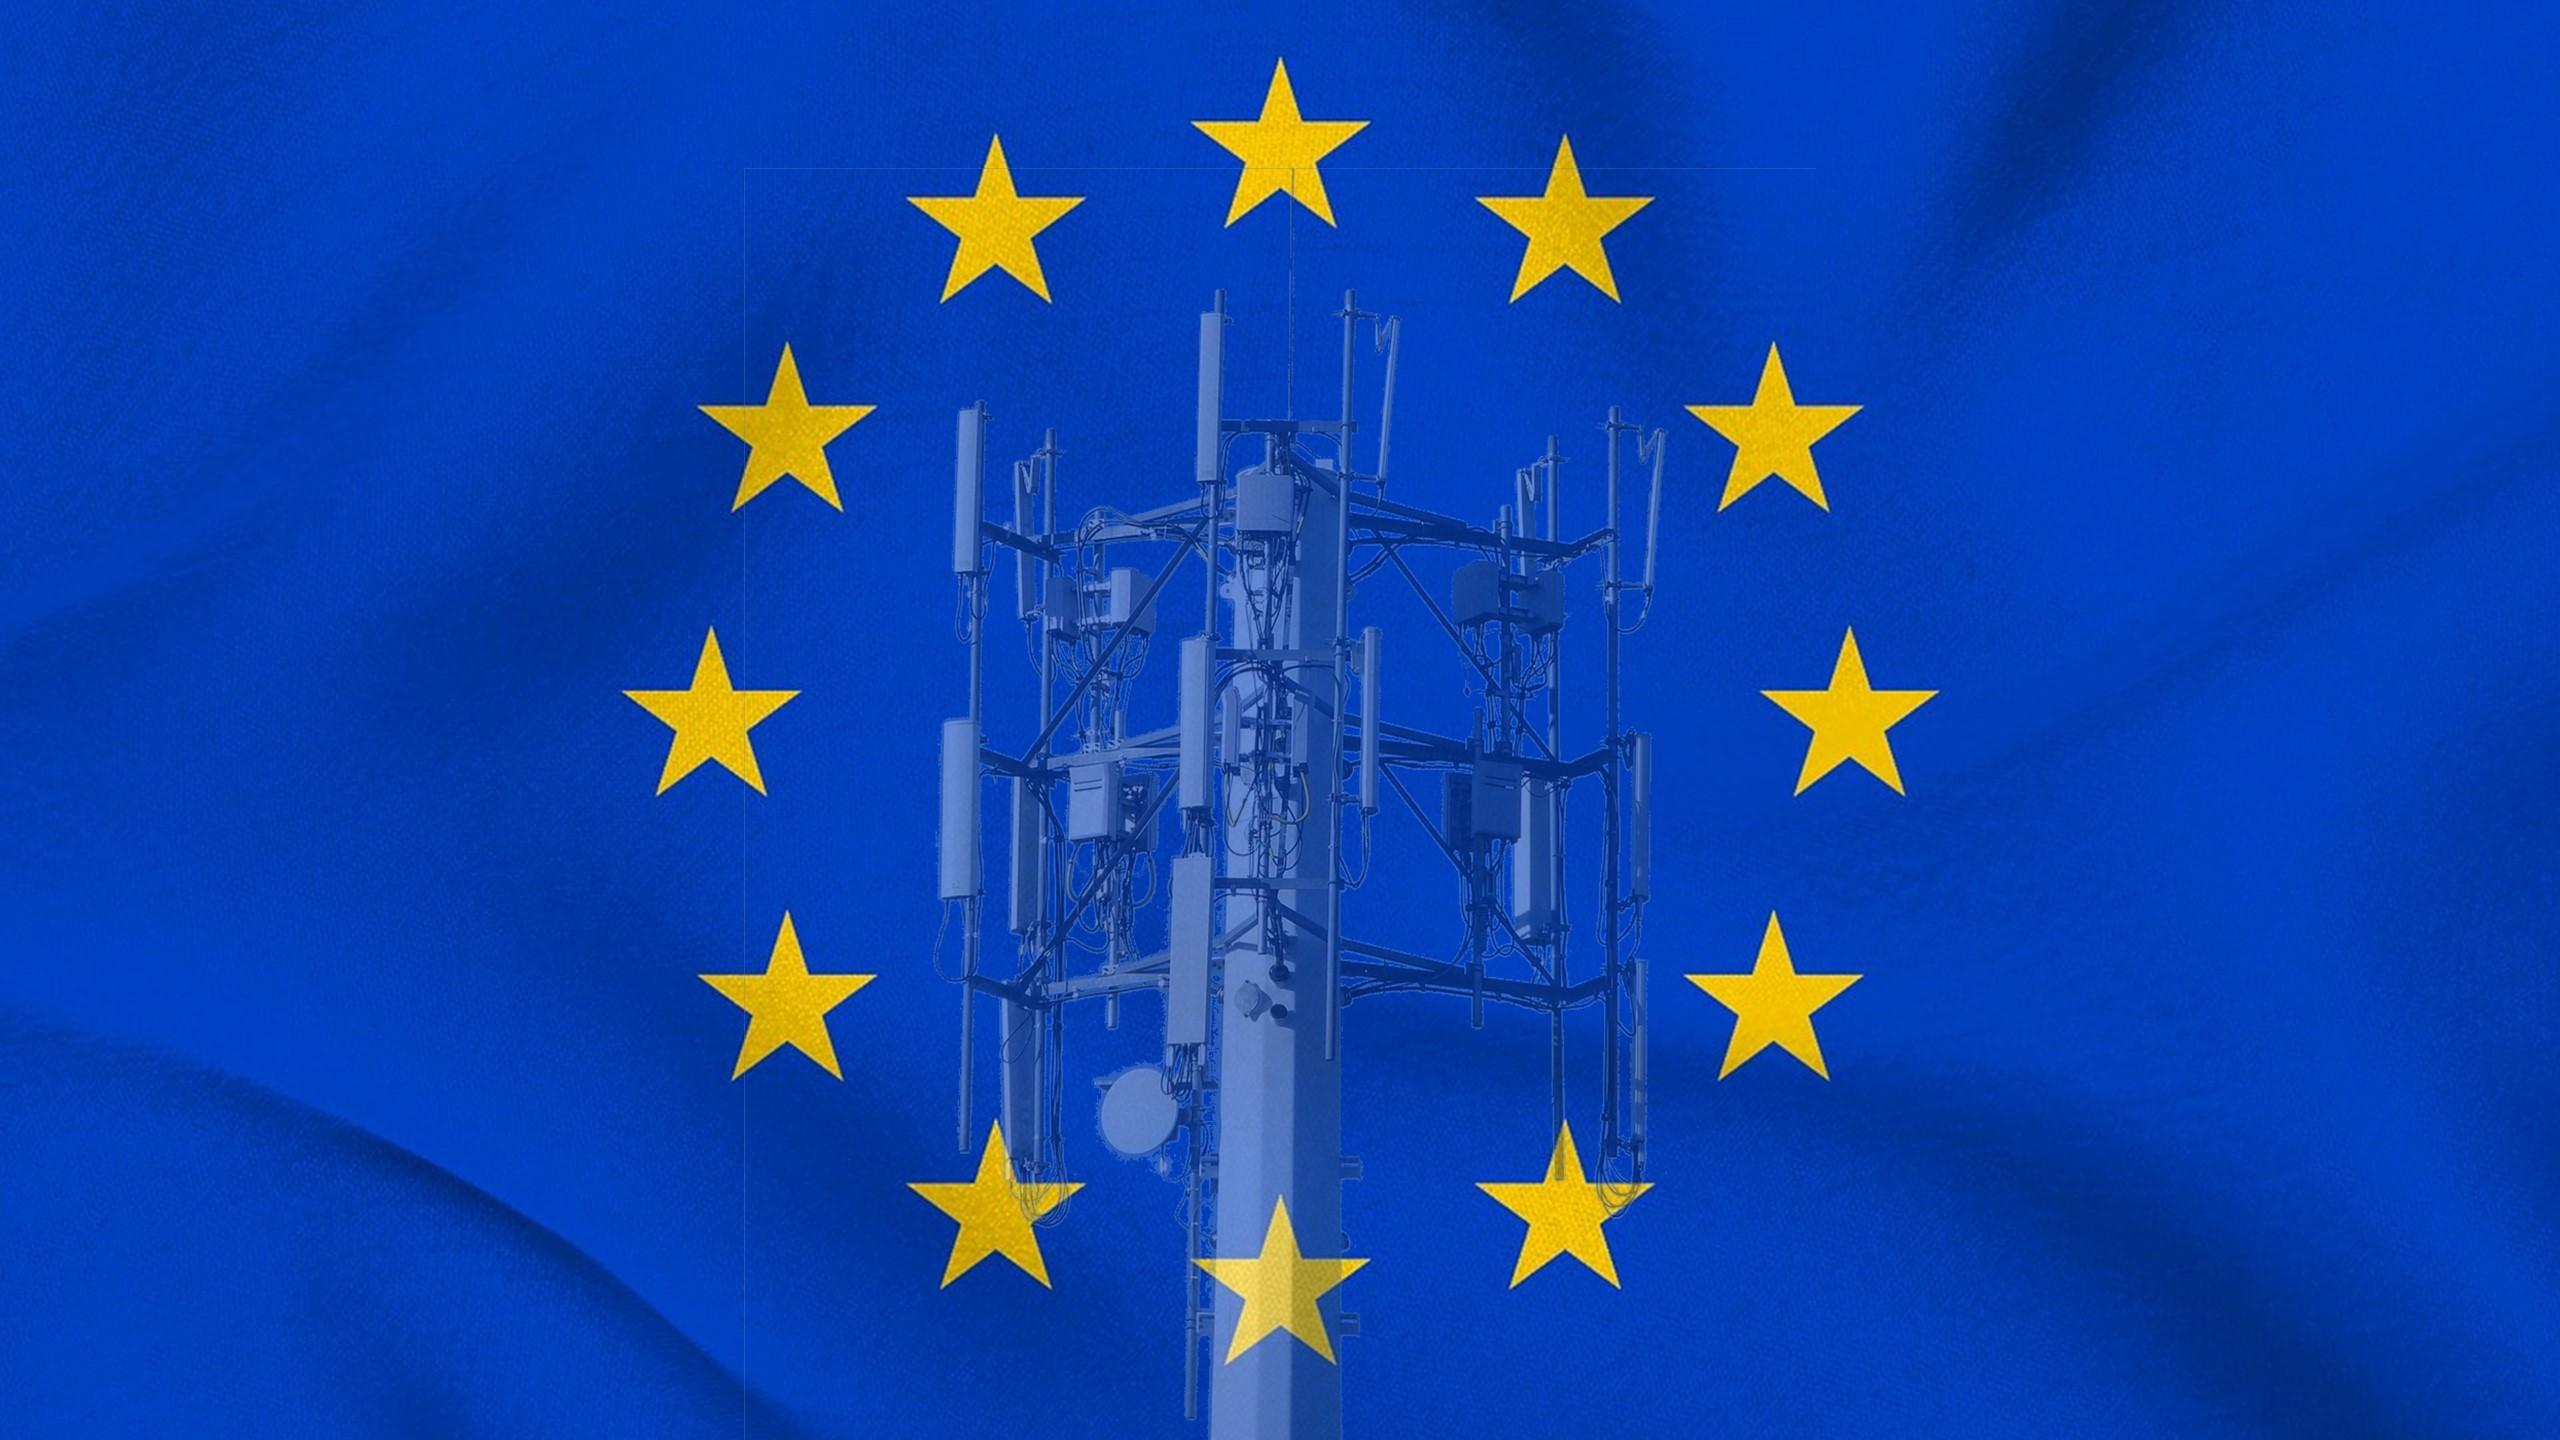 eu-5g-security